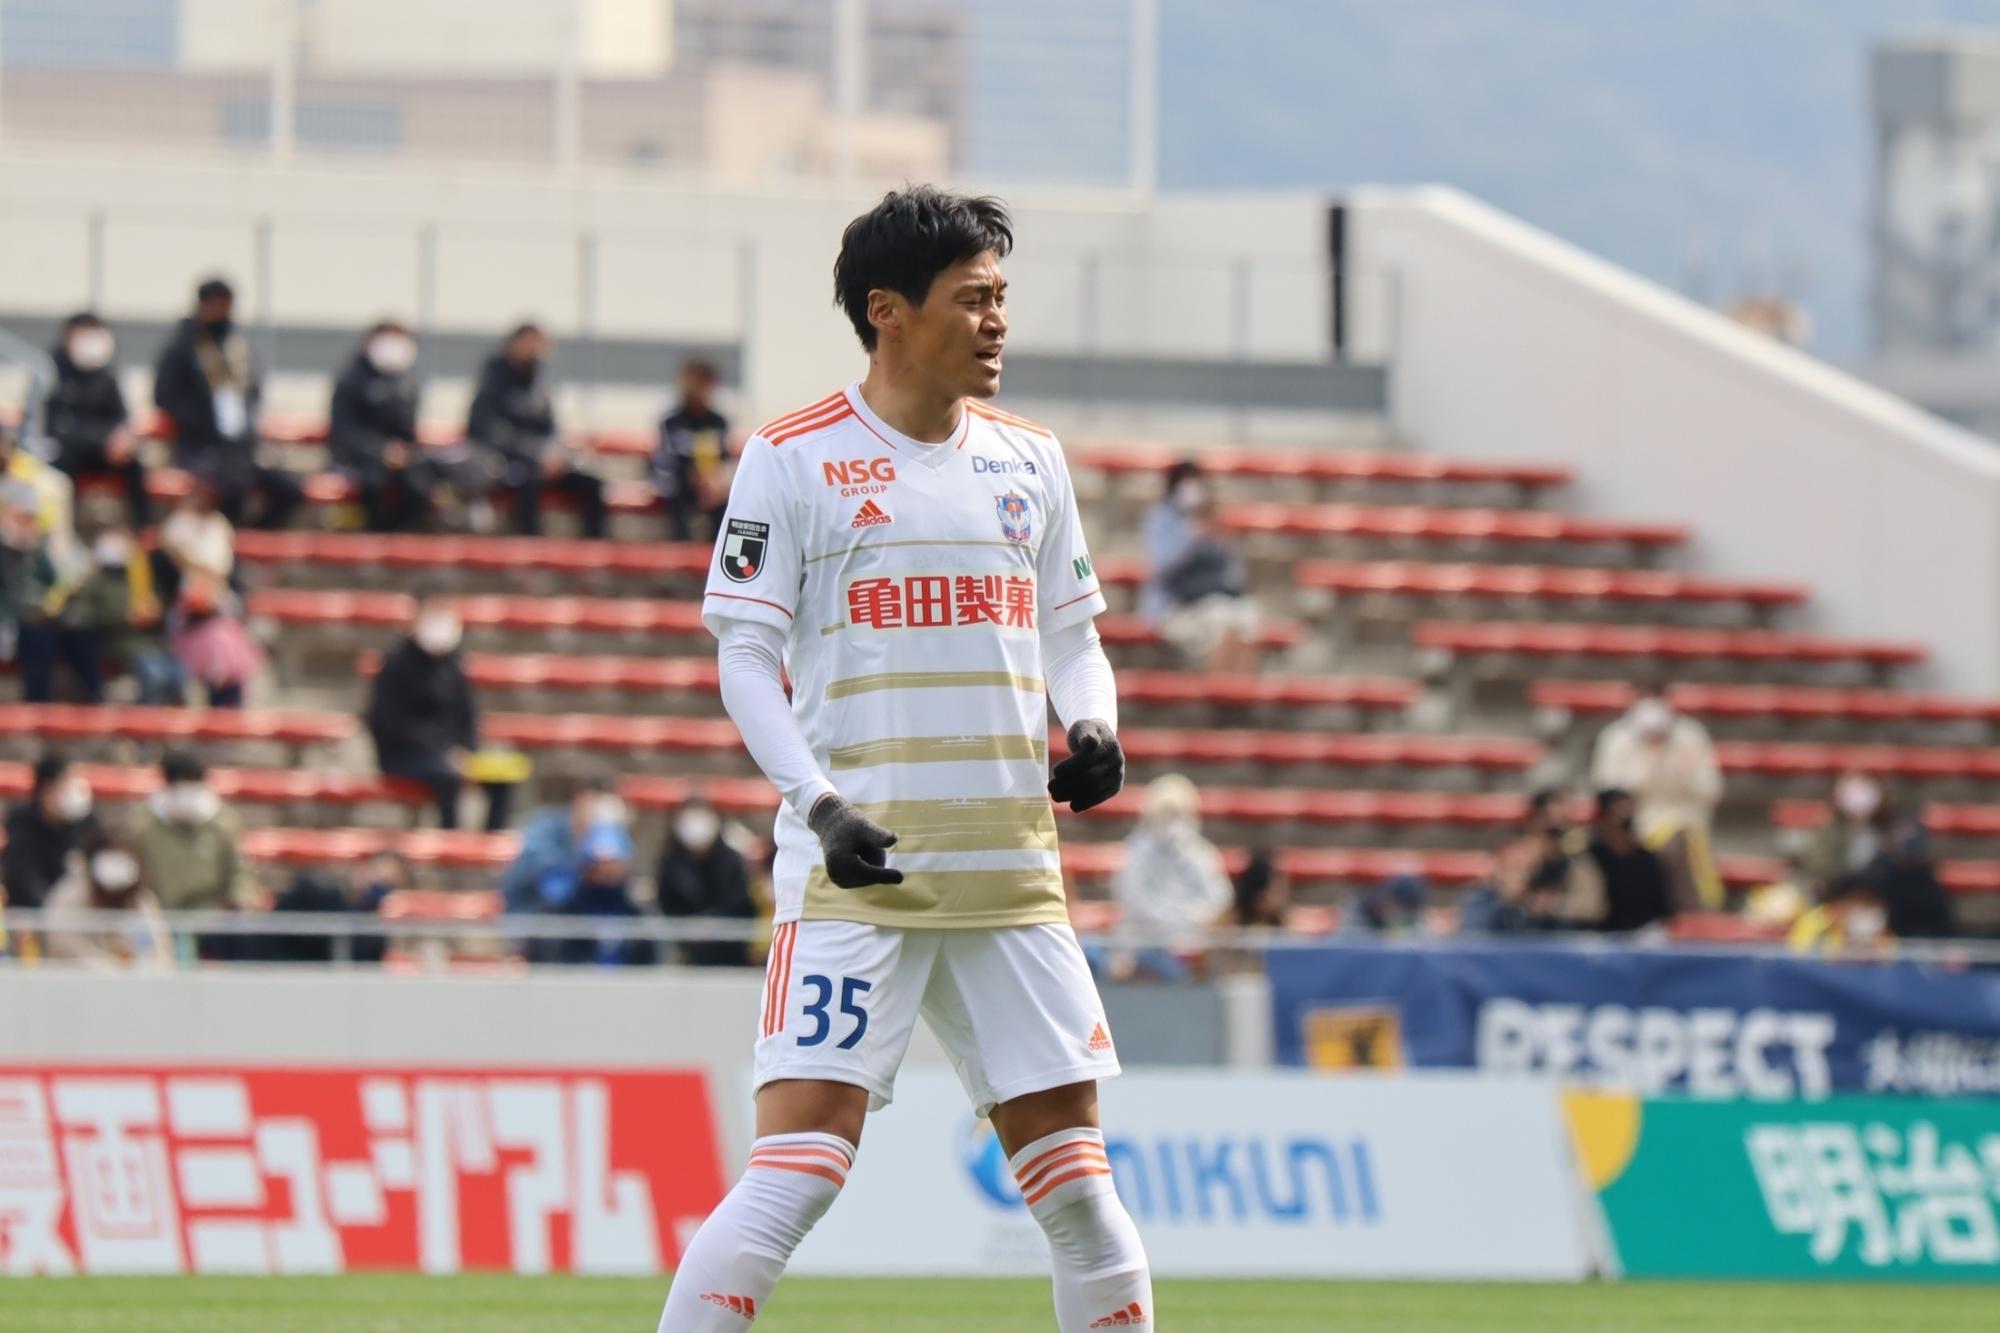 千葉 和彦 選手 2月27日(土)vs ギラヴァンツ北九州 試合後コメント